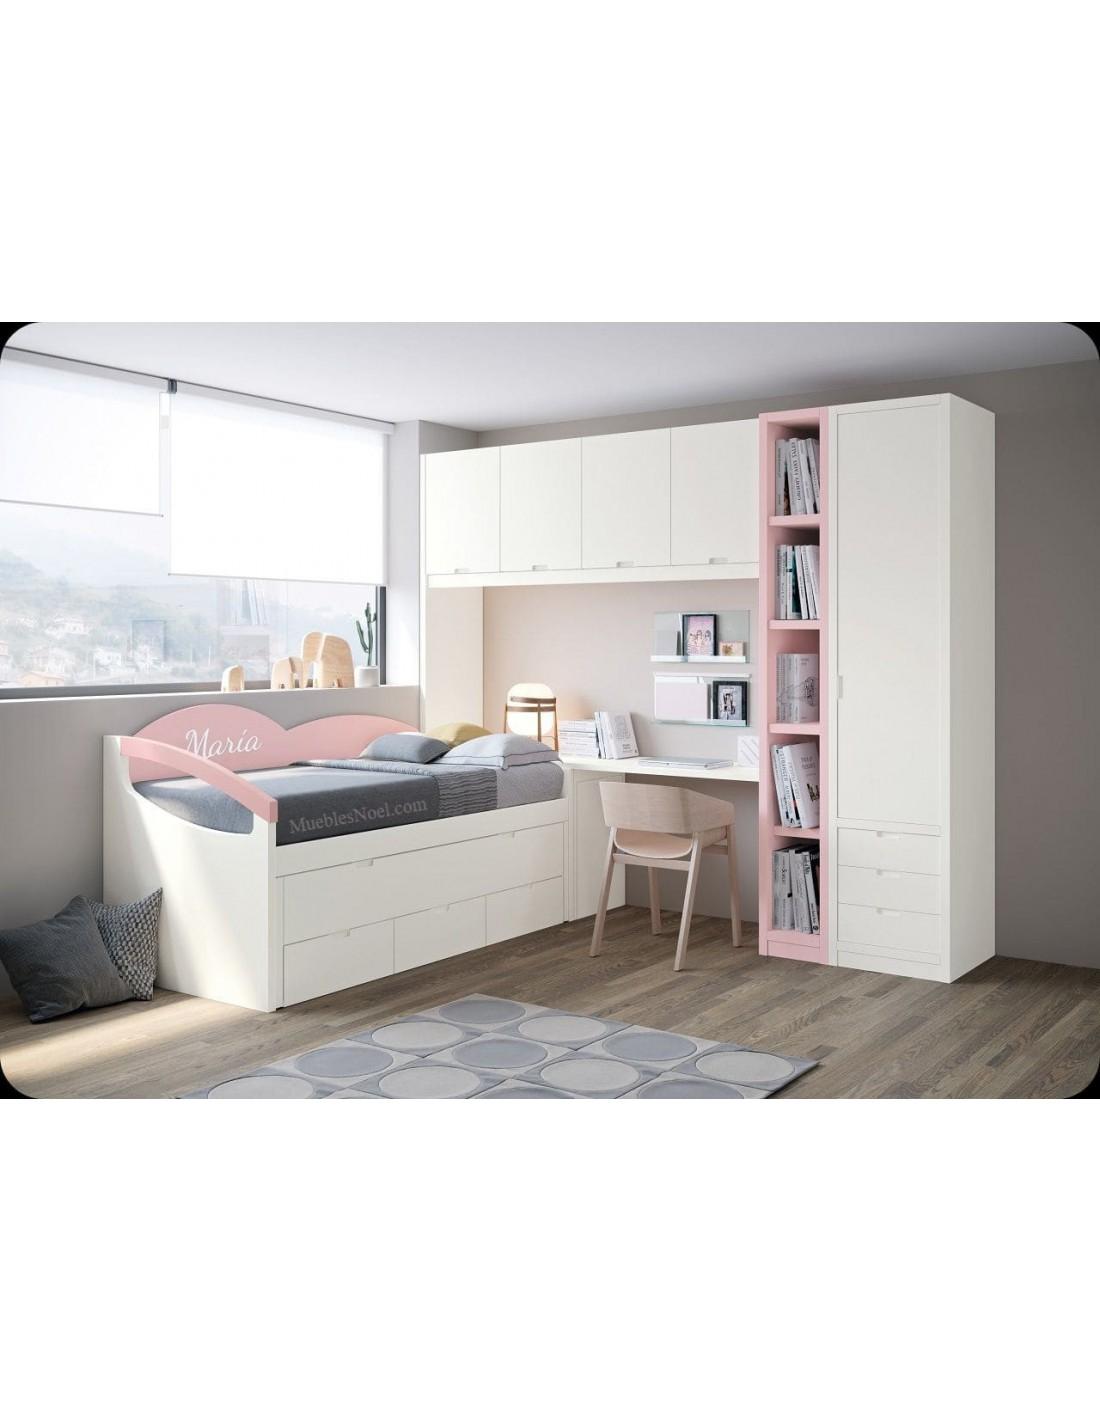 Dormitorio blanco Maria de Muebles Noel